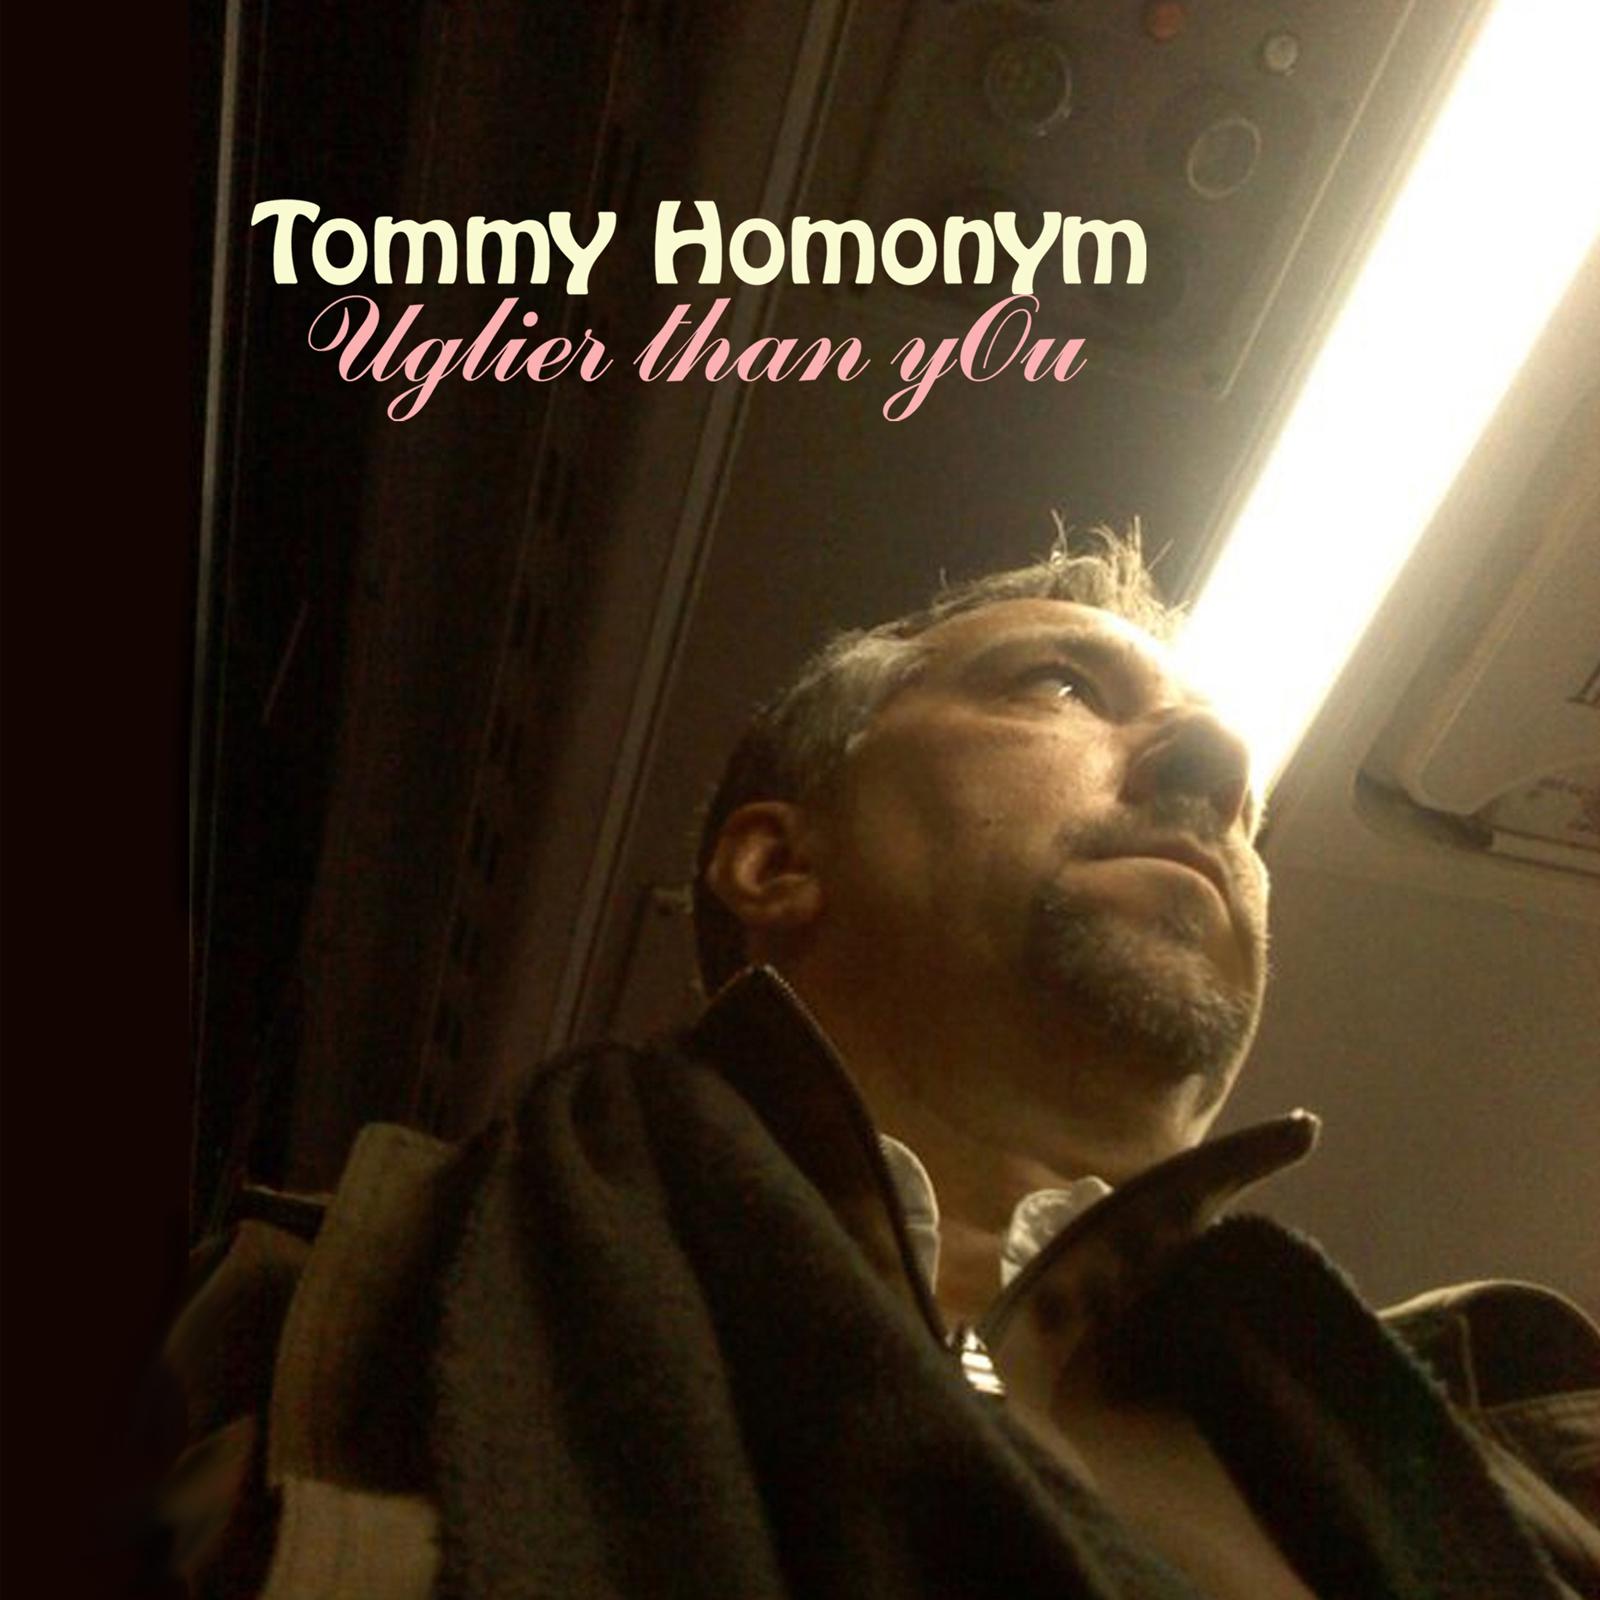 Tommy Homonym - Uglier Than You